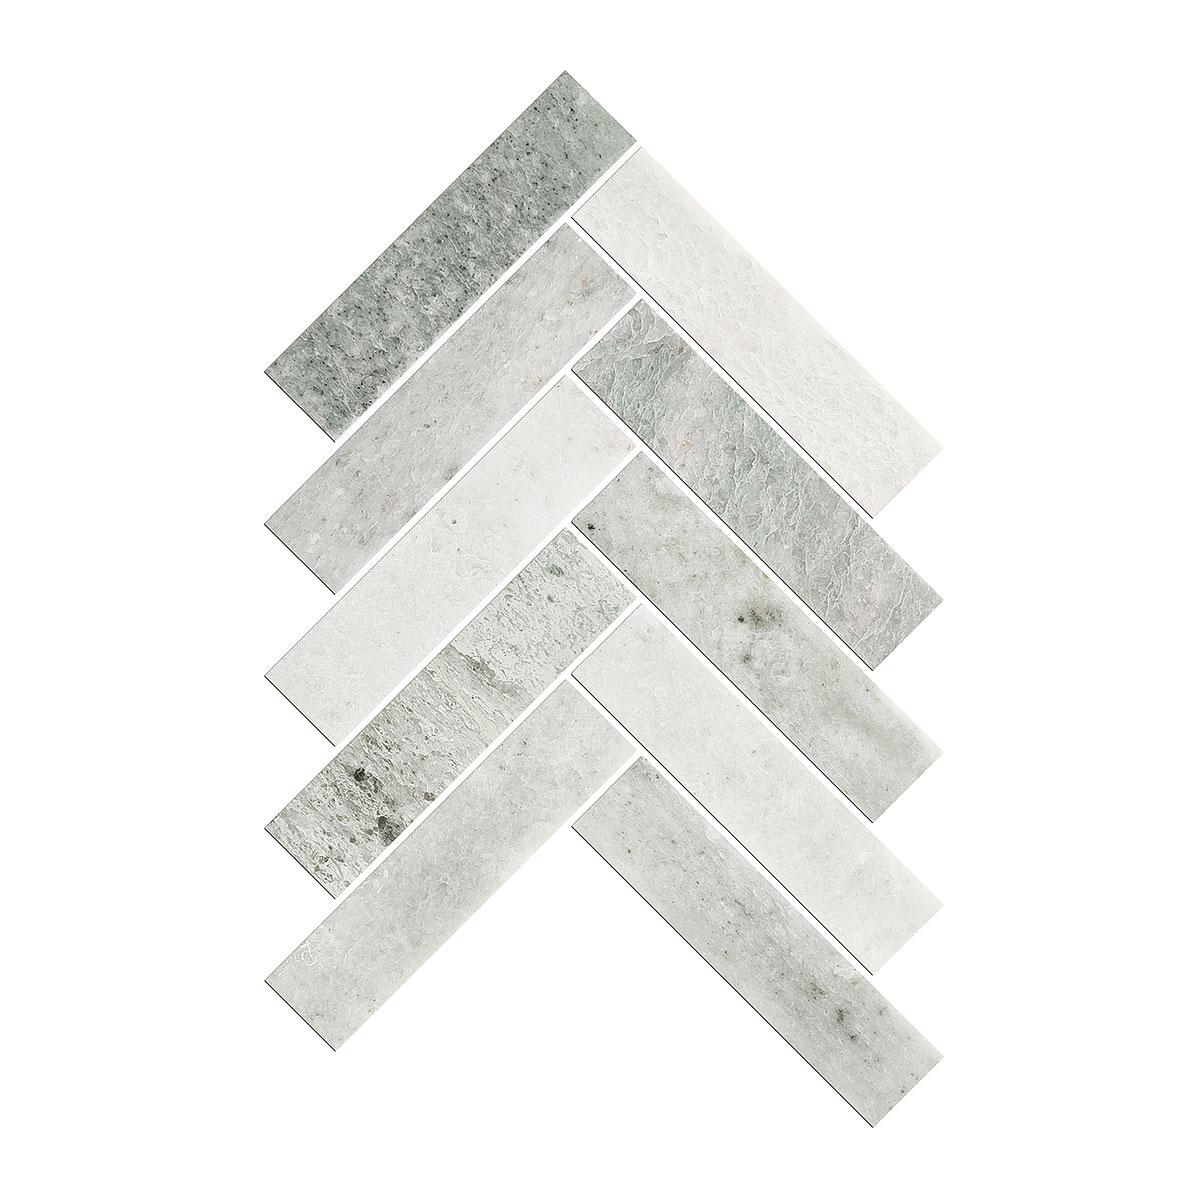 Artemis - Ming Green - Herringbone - Marble Tiles - Stone3 Brisbane